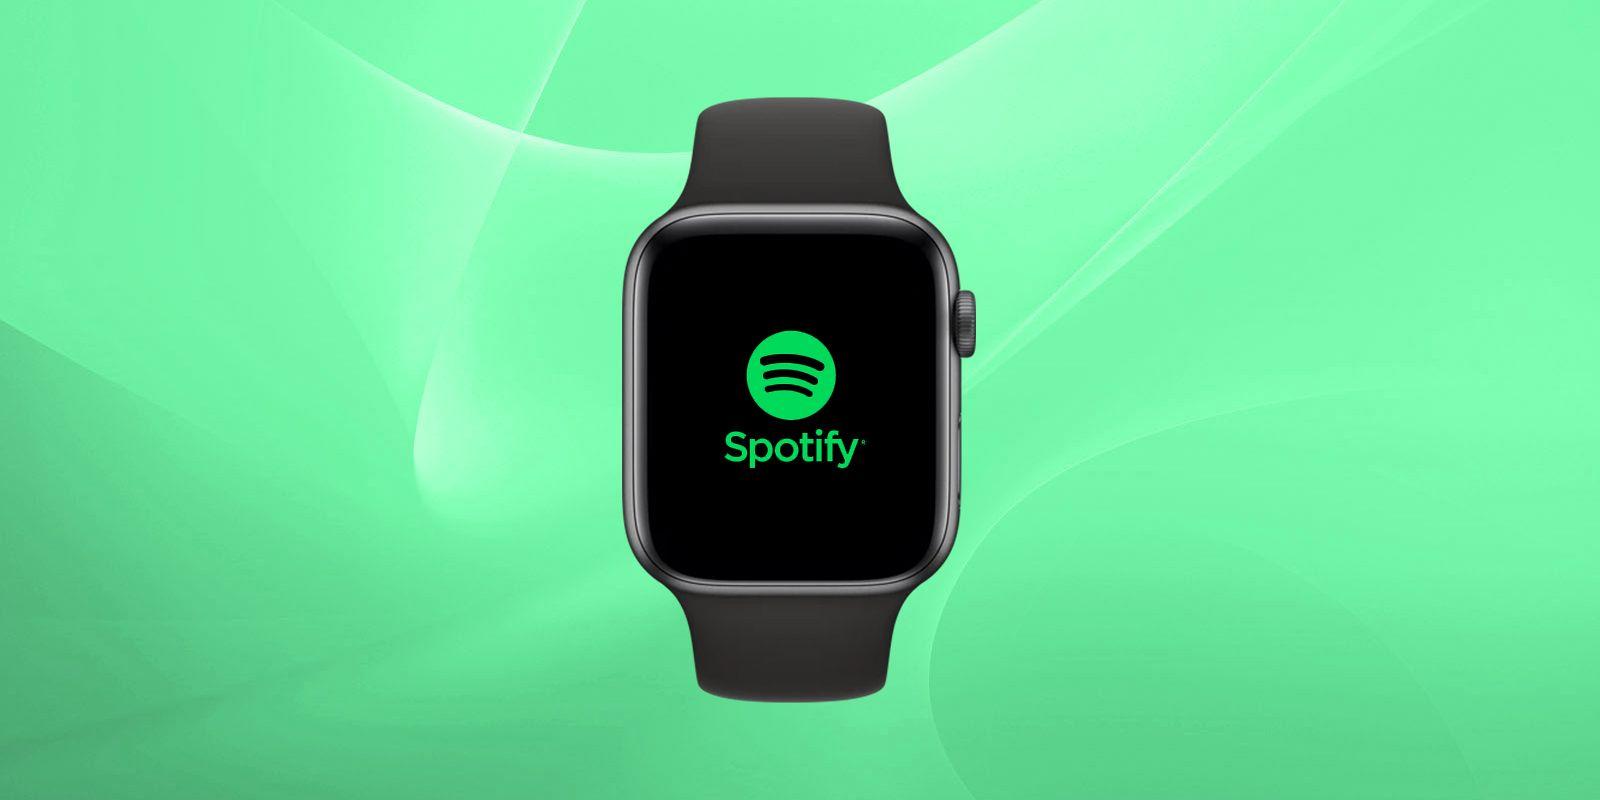 Mit Spotify können Sie jetzt Musik auf der Apple Watch ohne Telefon streamen